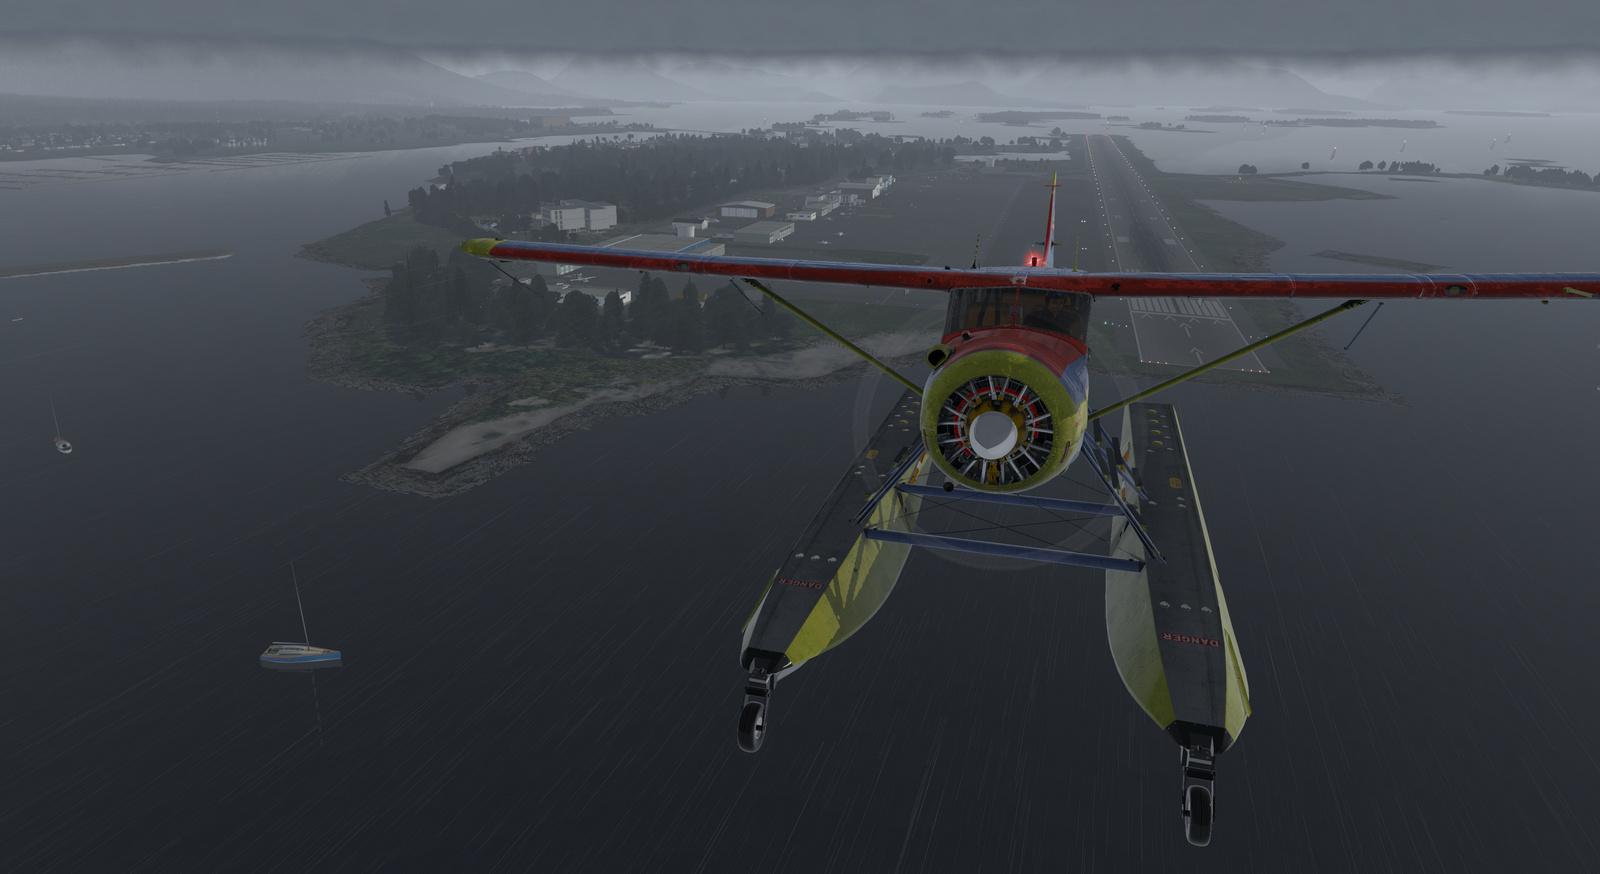 Spirit of Alaska repaint for Thranda DHC-2 Beaver for X-Plane 11, amphibian version, image 15/20